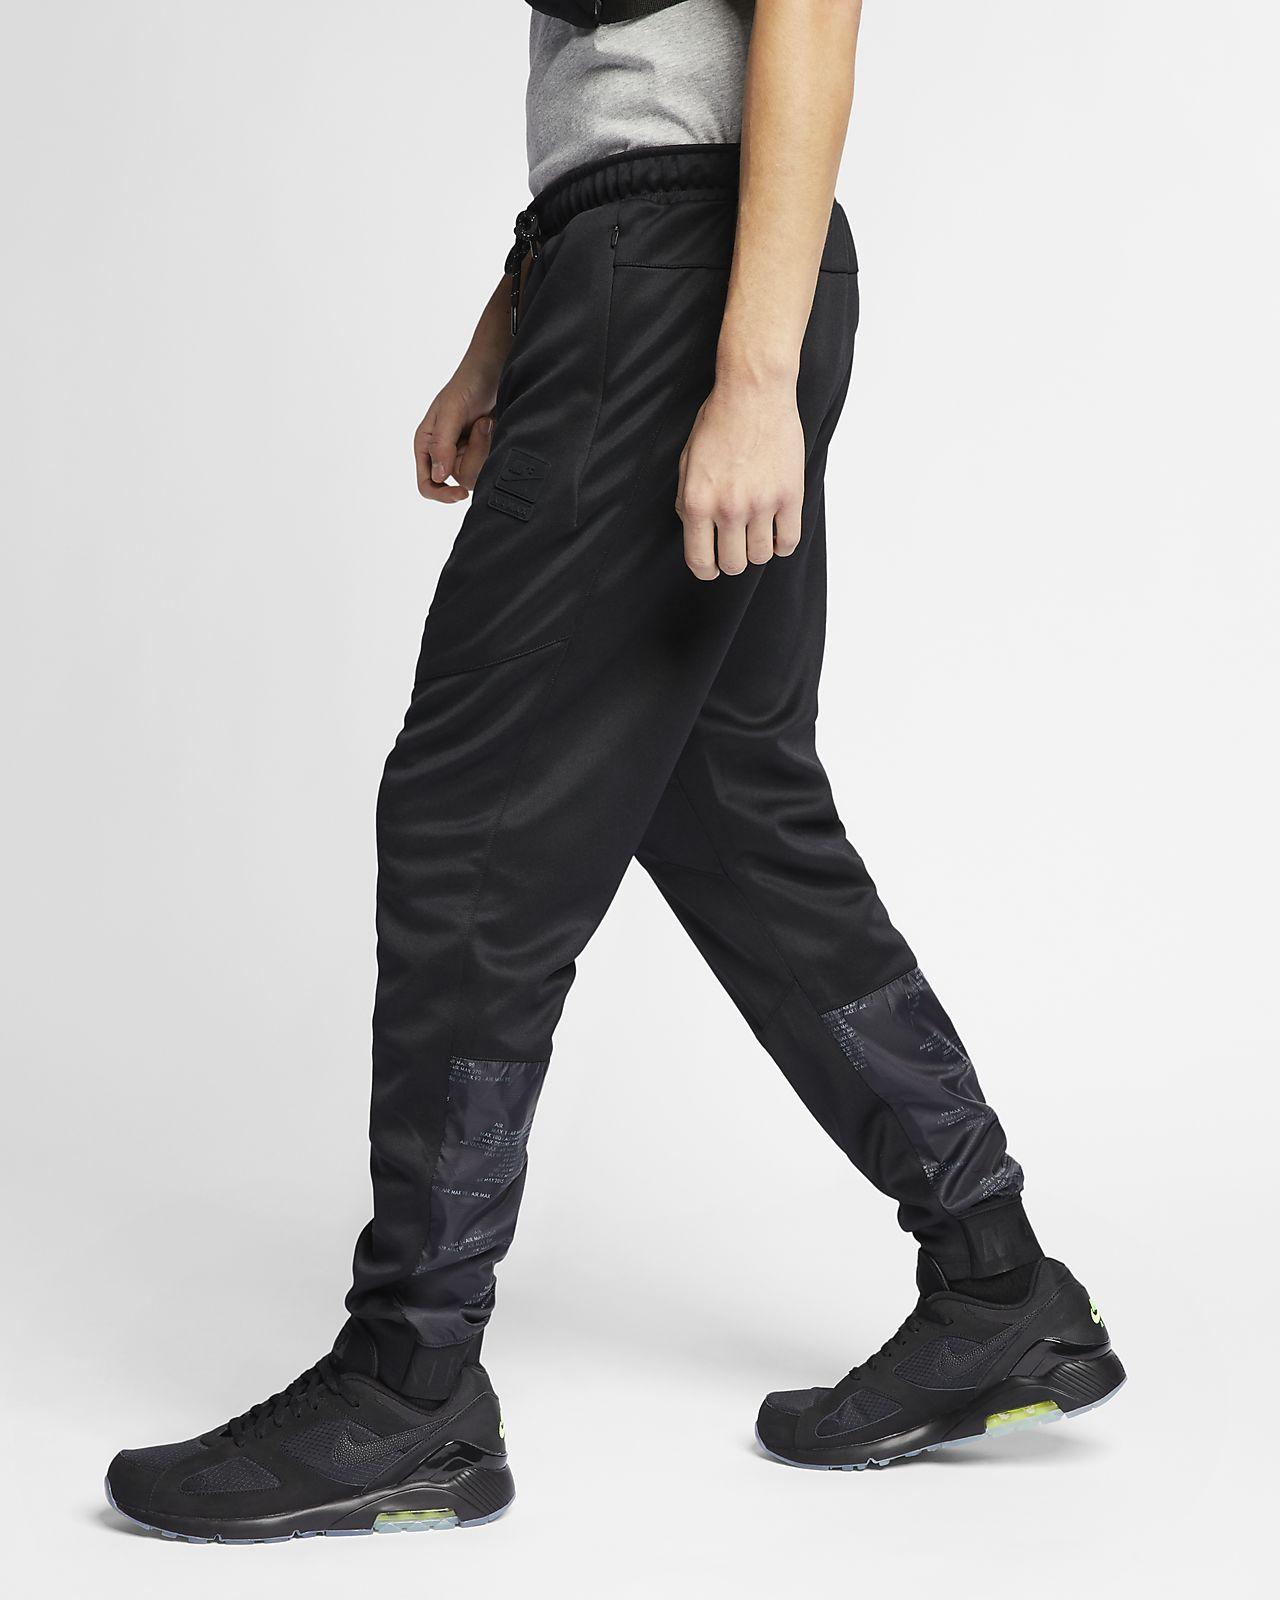 88613bee22e787 Nike Air Max Men s Joggers. Nike.com AE